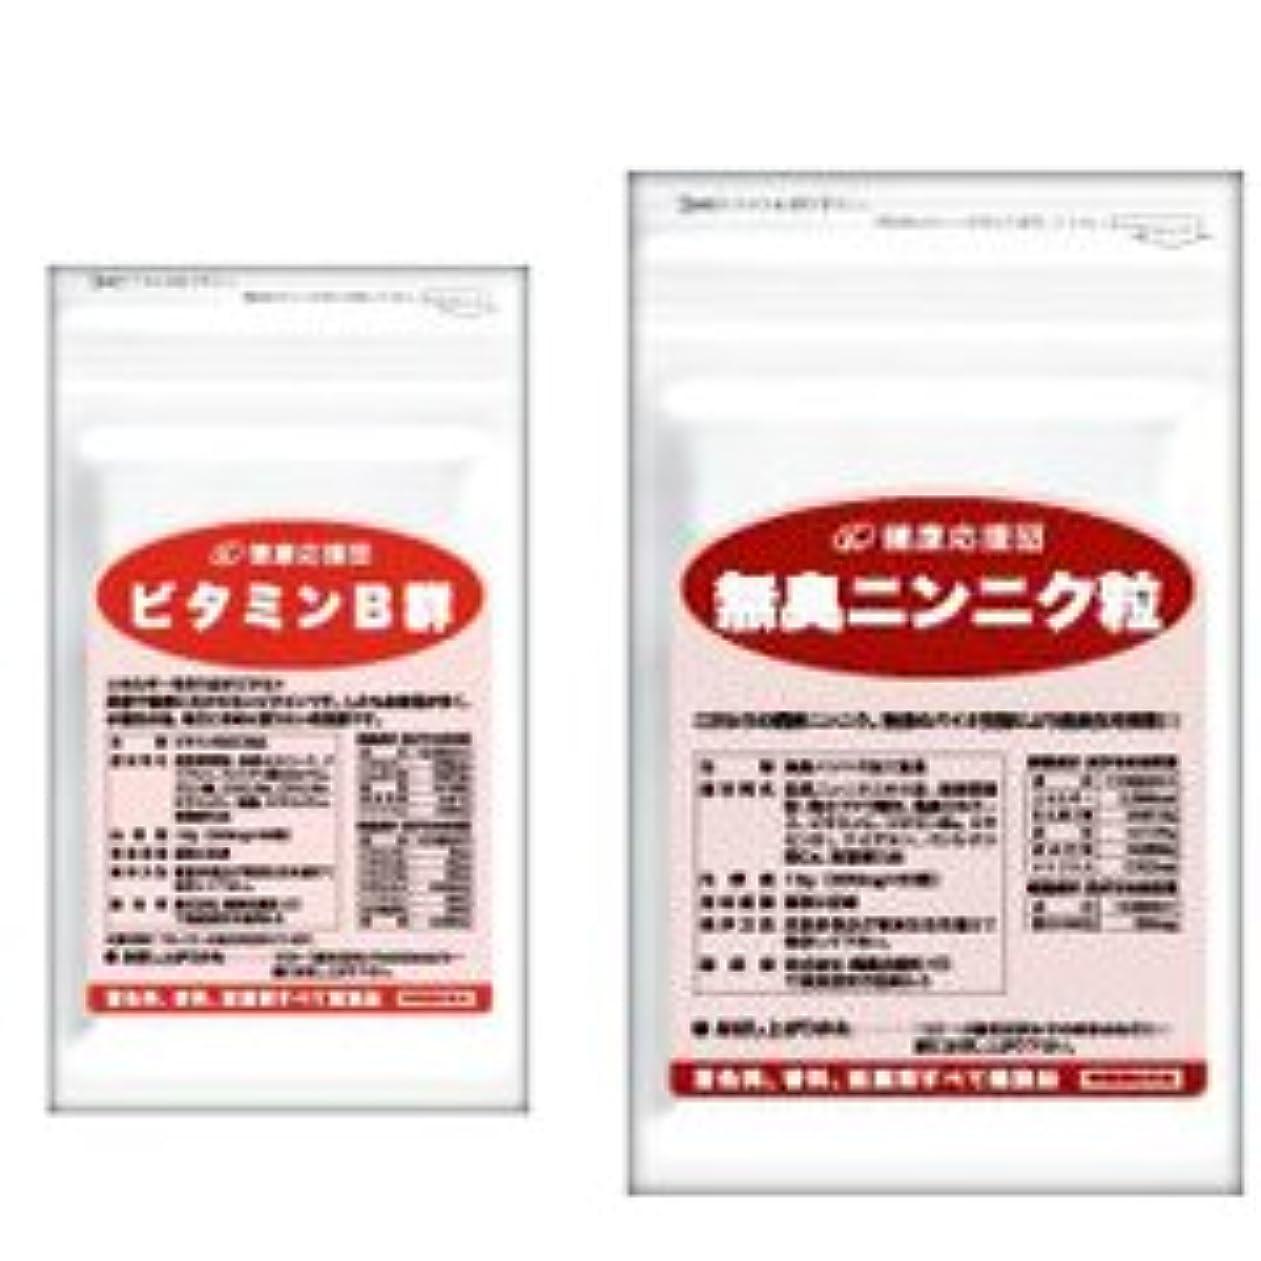 仮定ゆるい精度(お徳用3か月分セット) ニンニク粒+VB群 3袋&3袋セット